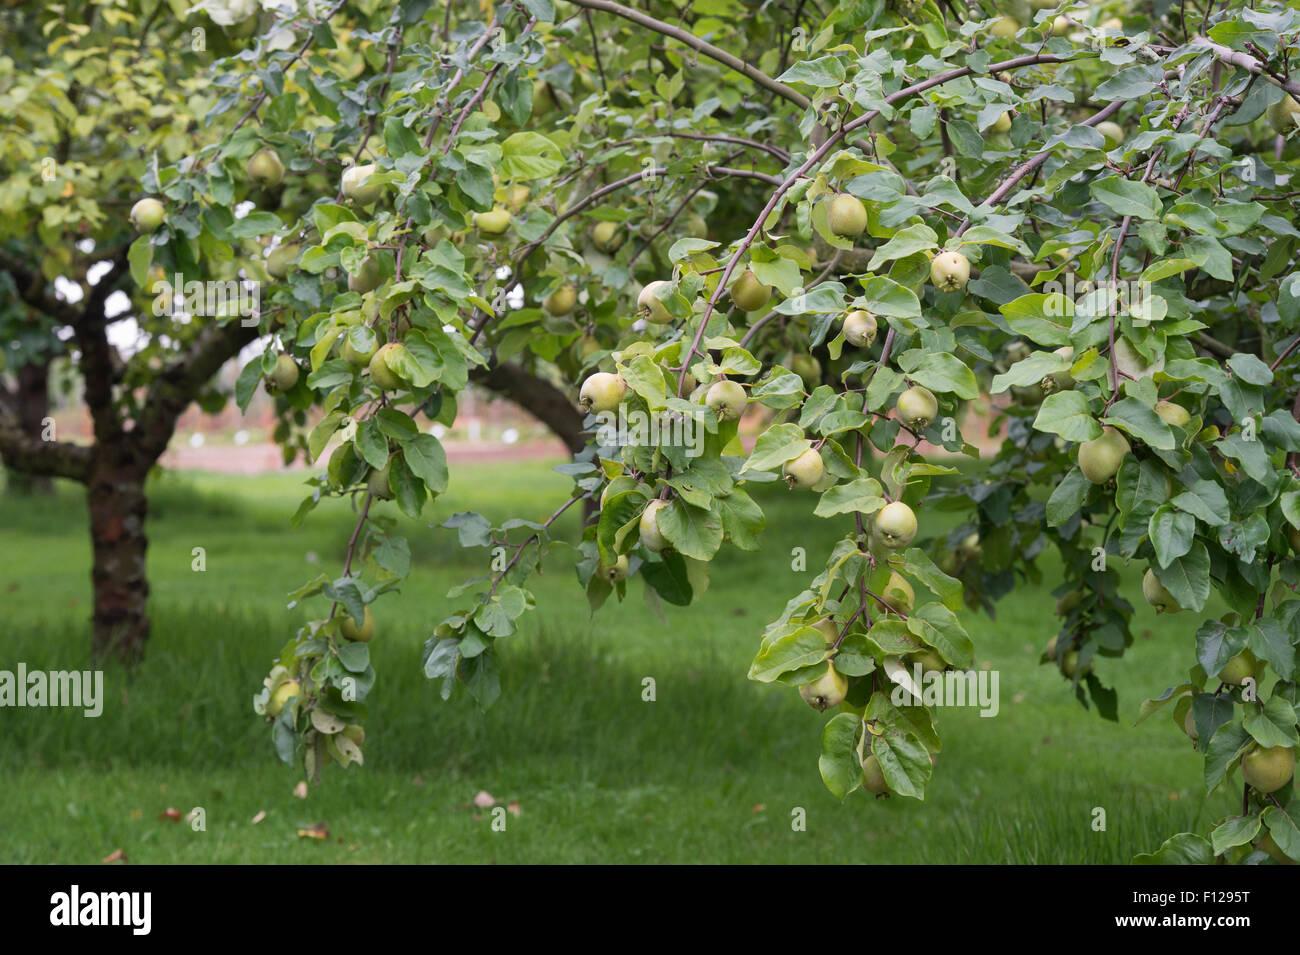 Cydonia länglich. Aromatnaya Quitte Fruchtreife auf dem Baum Stockbild